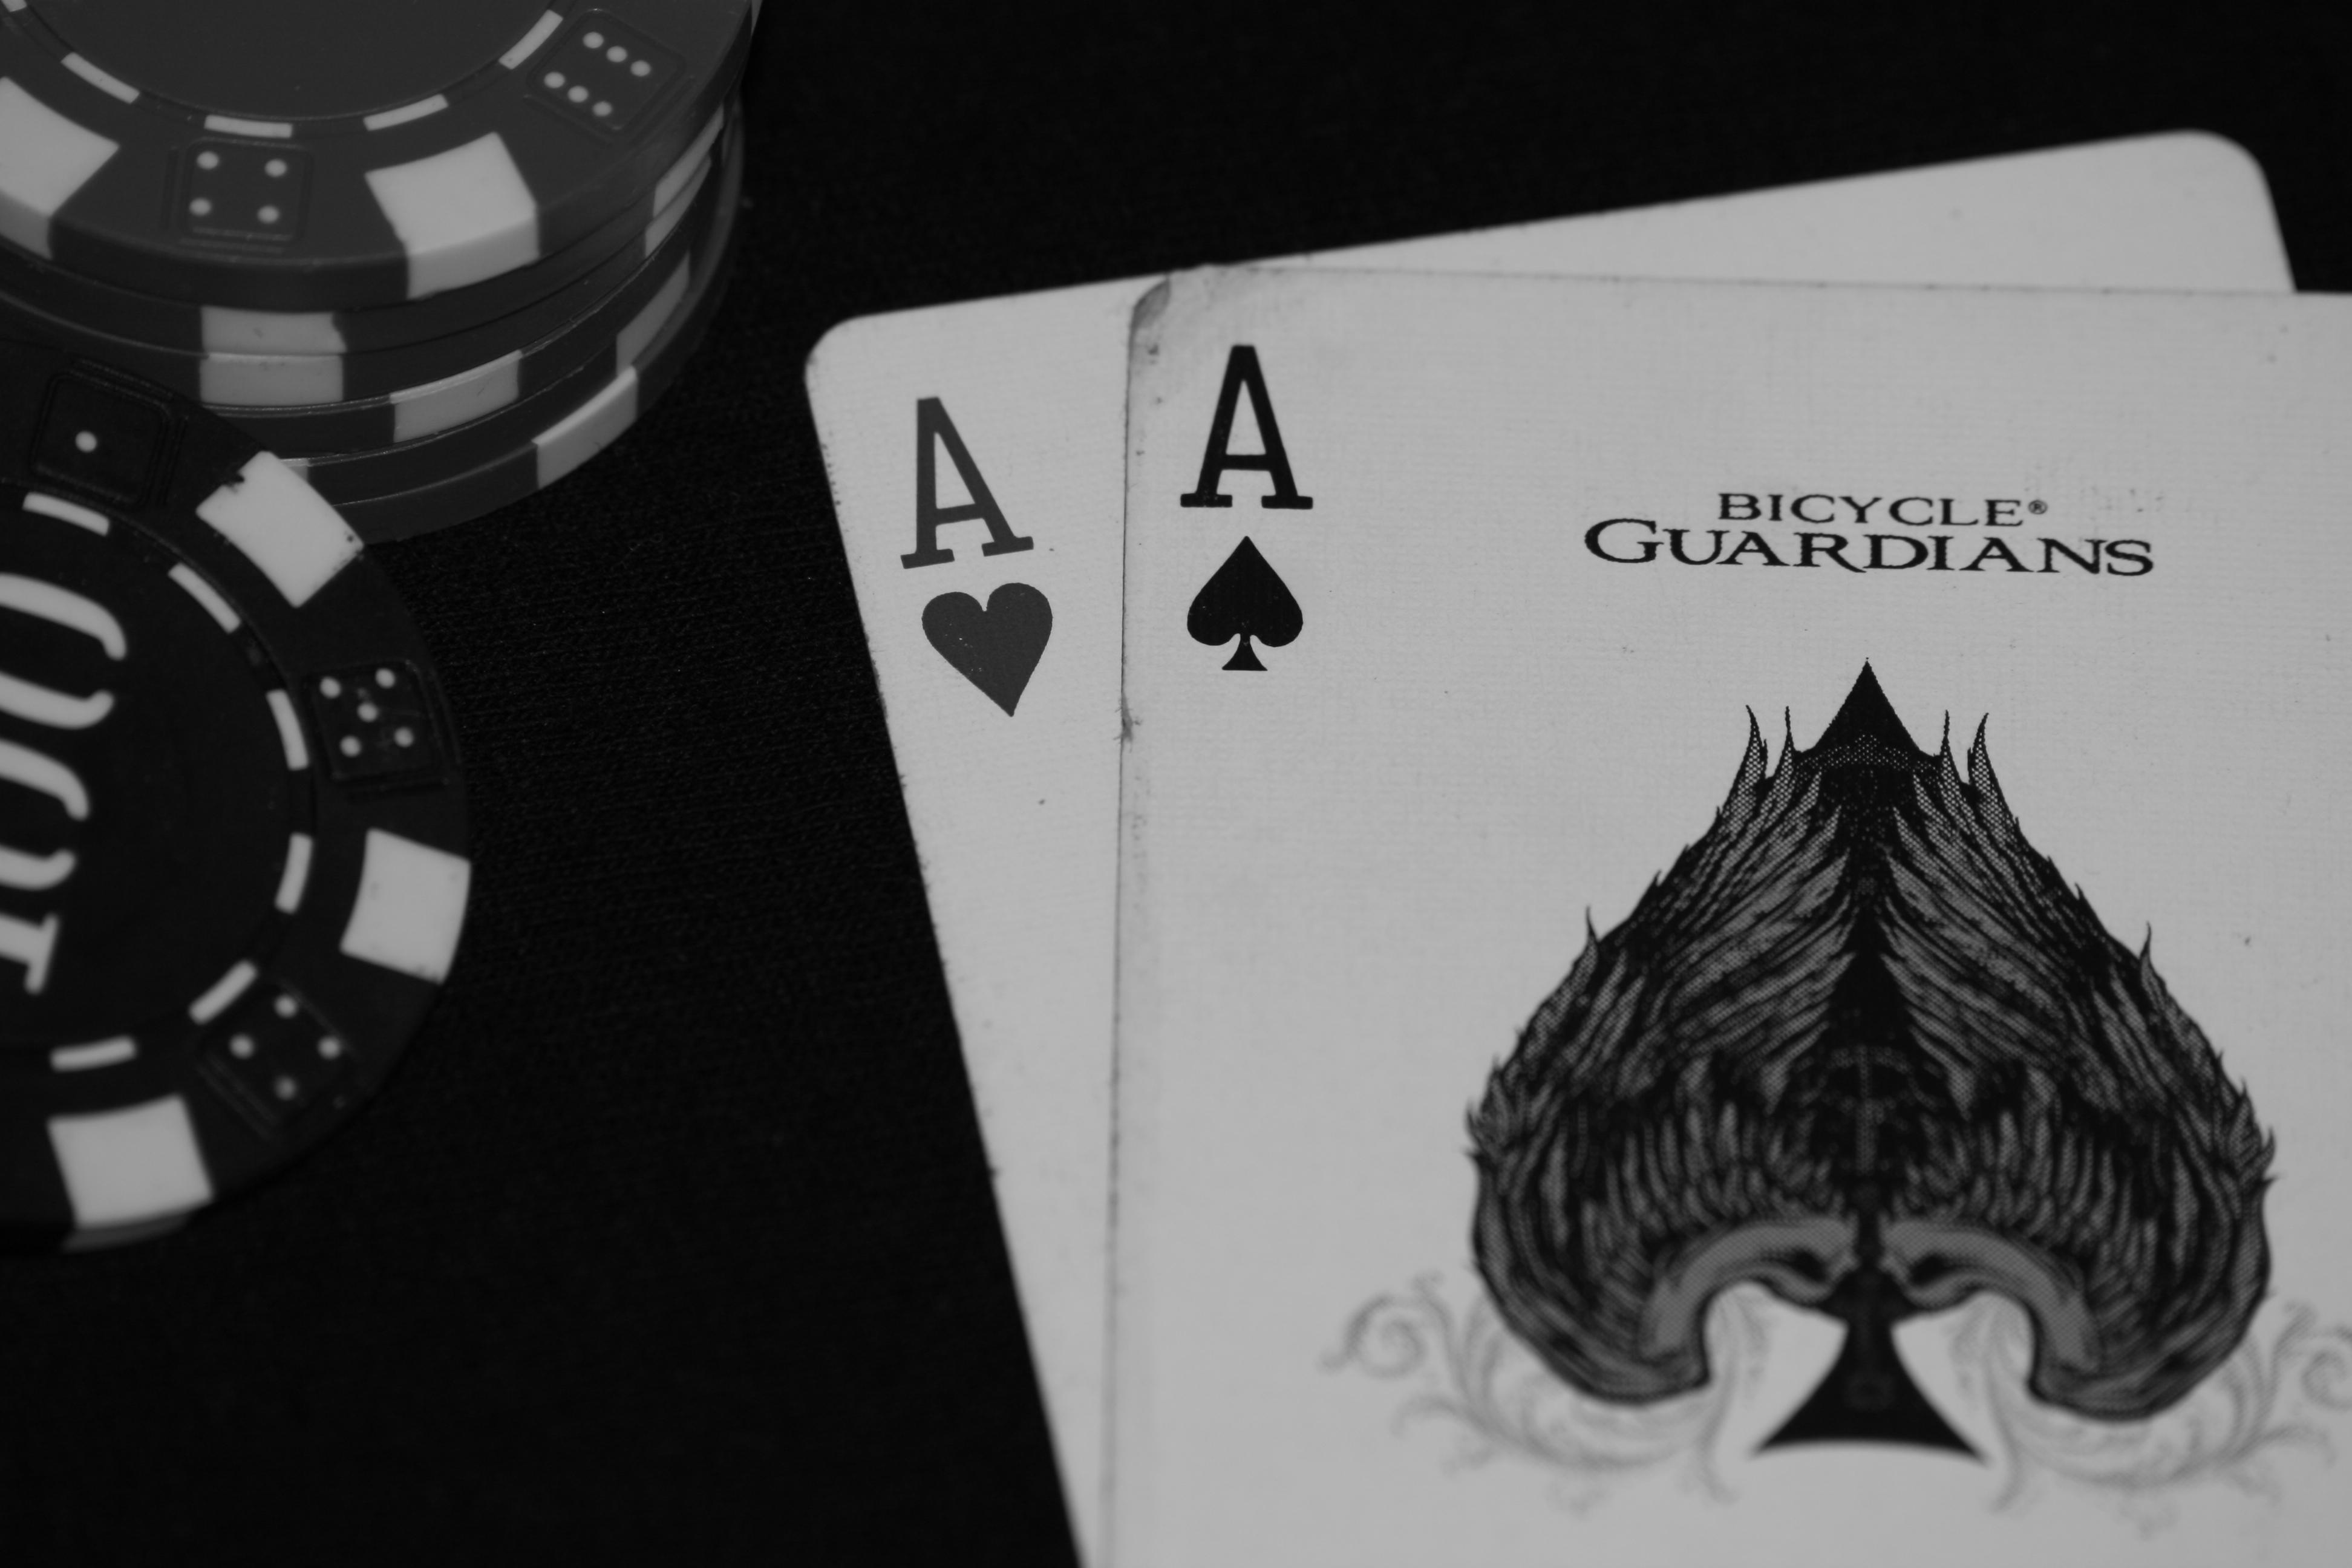 Extraspel casino